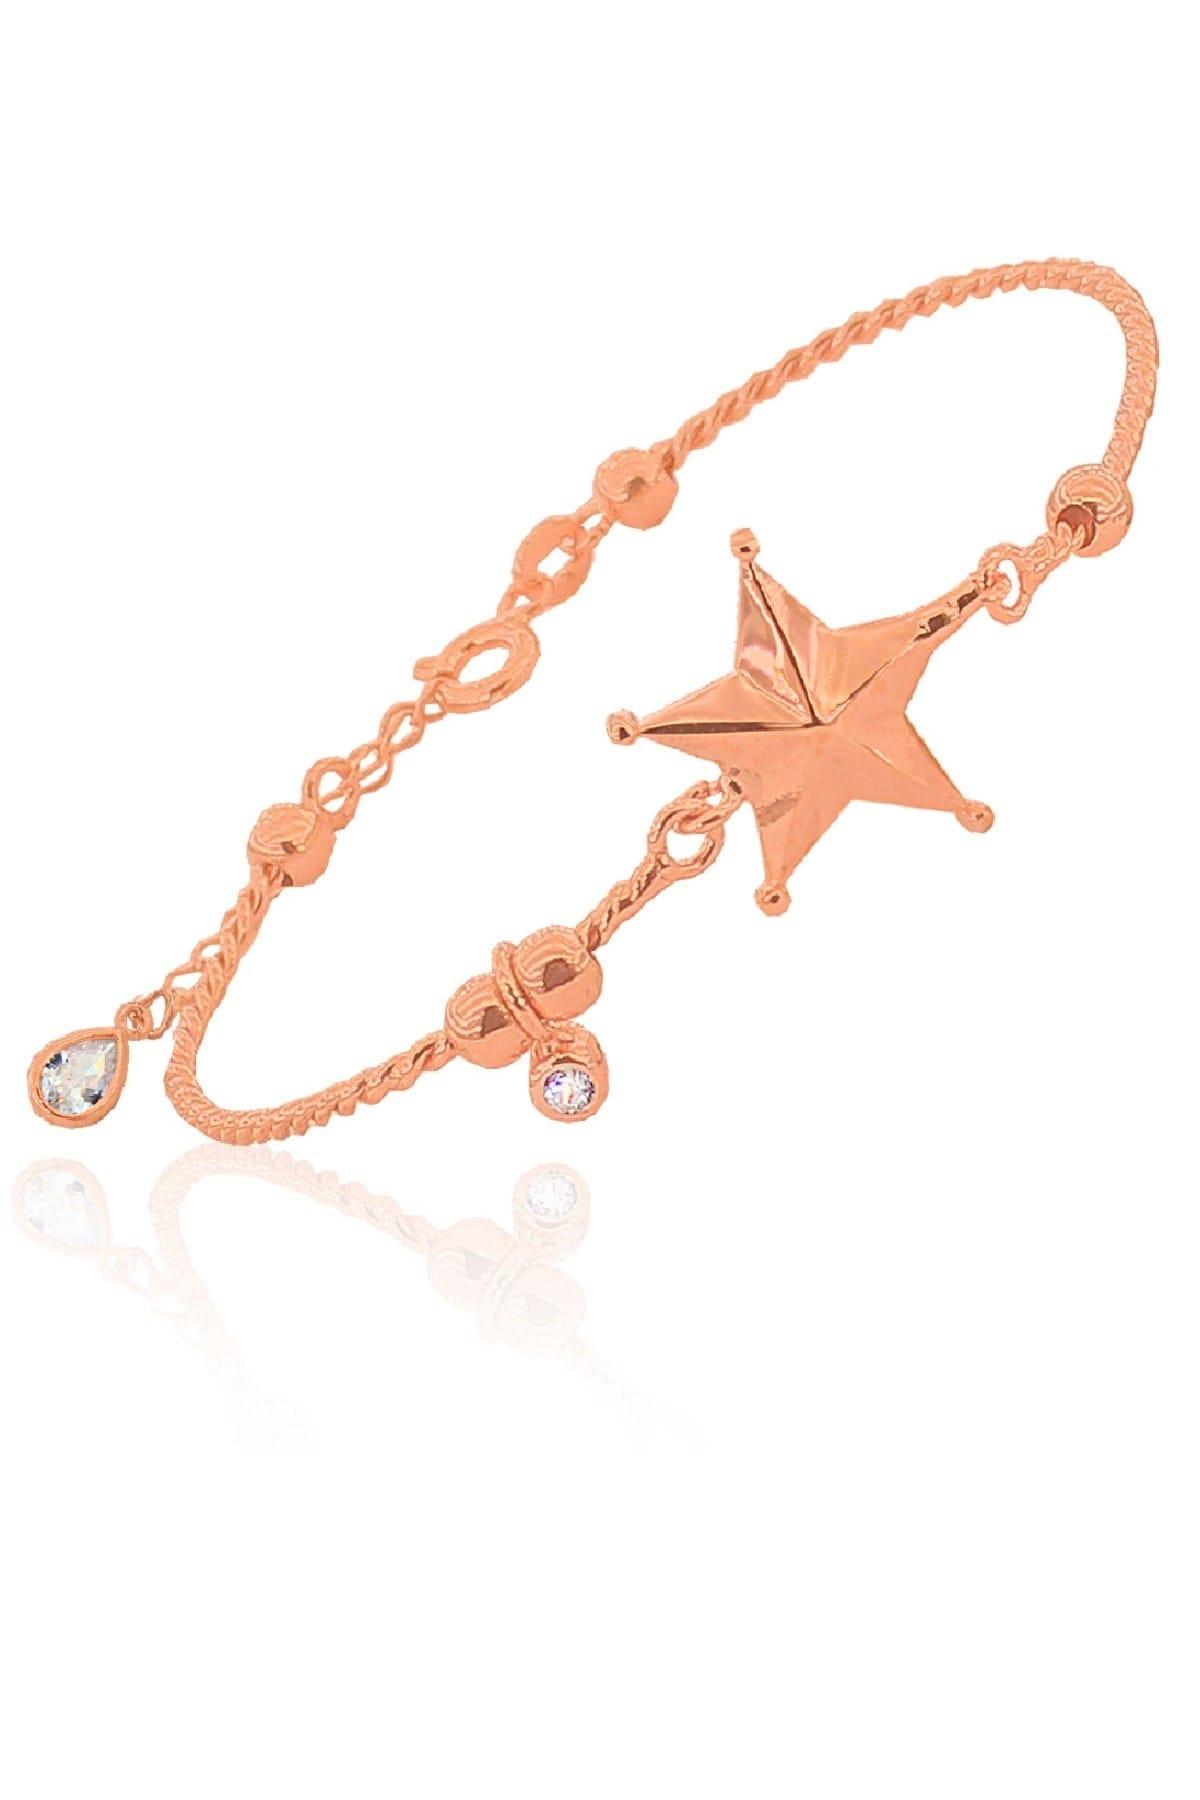 Söğütlü Silver Kadın Yıldız Bulgu İnce Bilezik & Bileklik SGTL3053 1